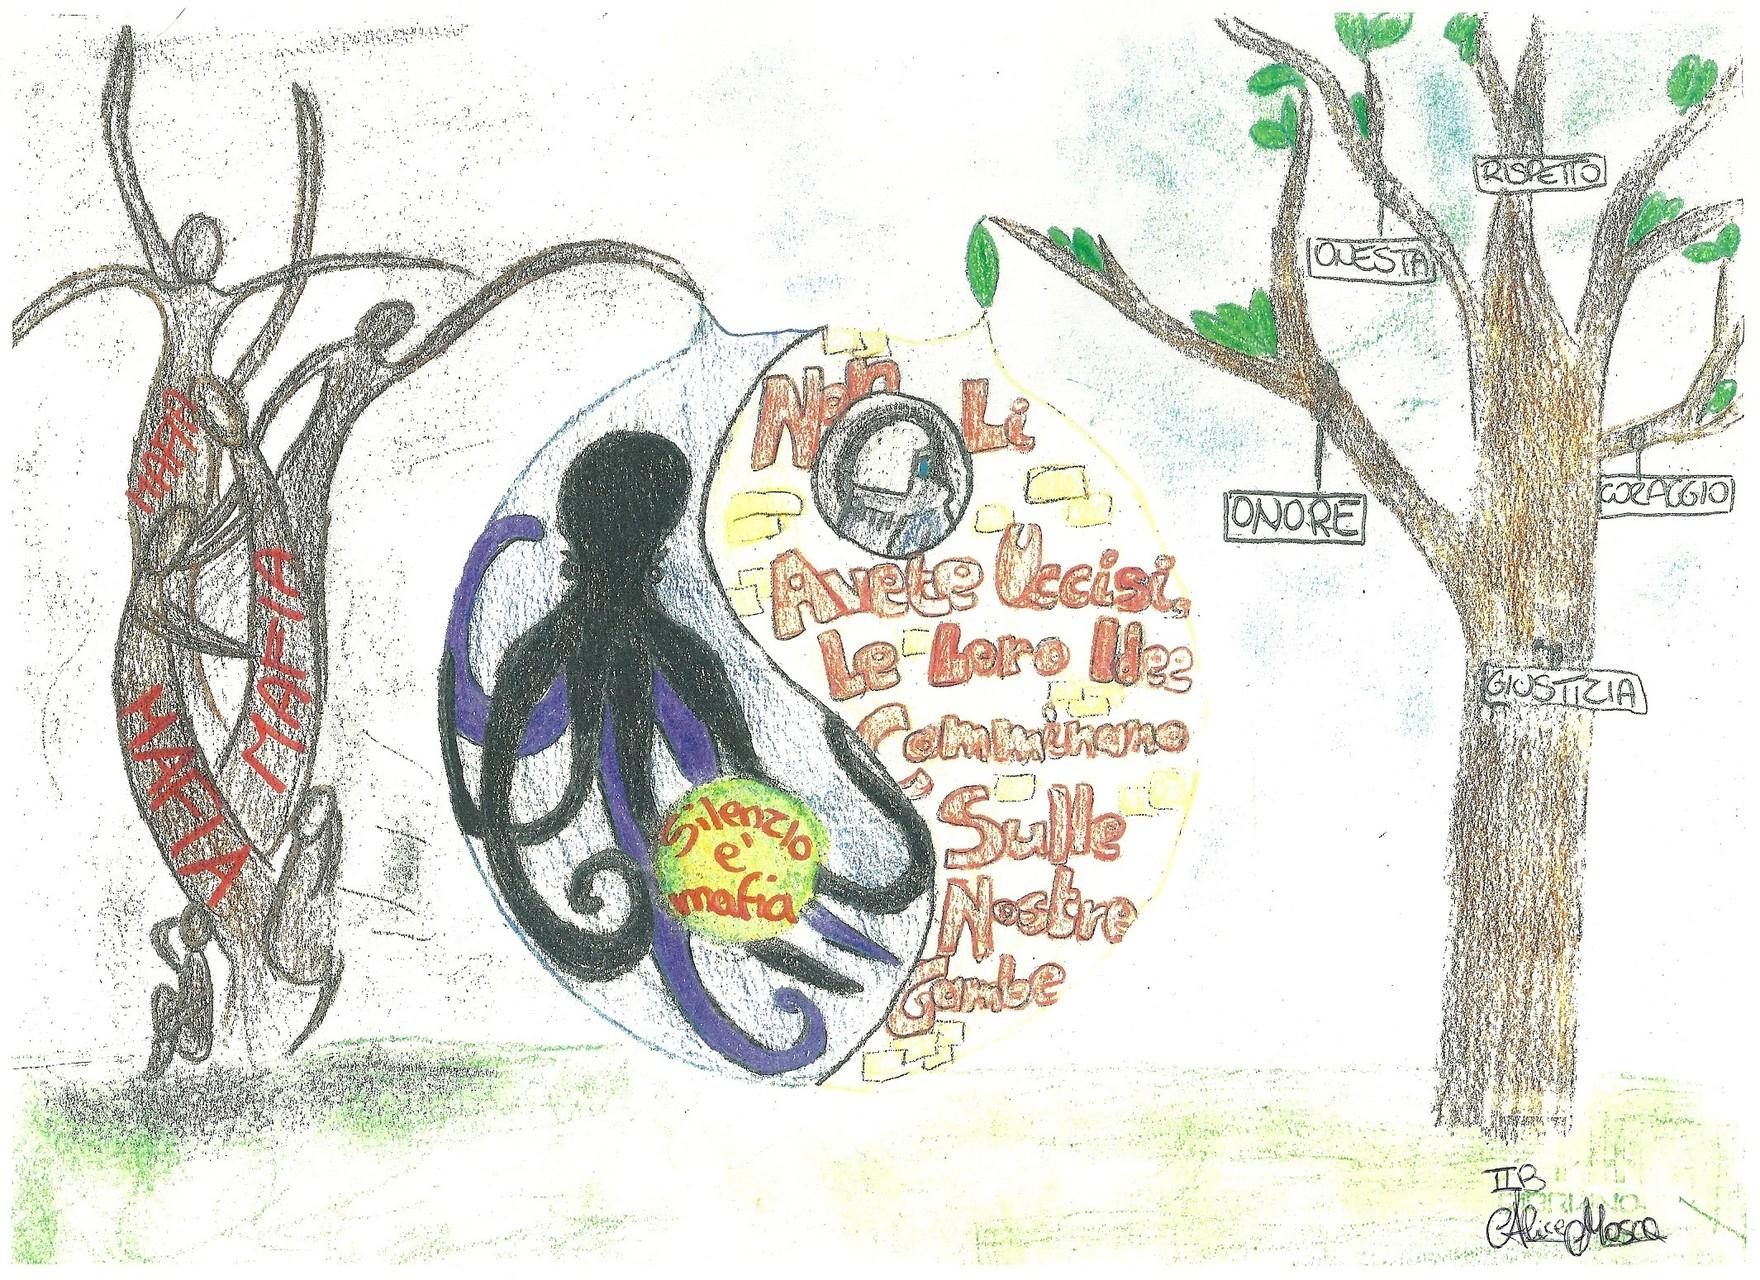 Disegno realizzato da Alice Mosca